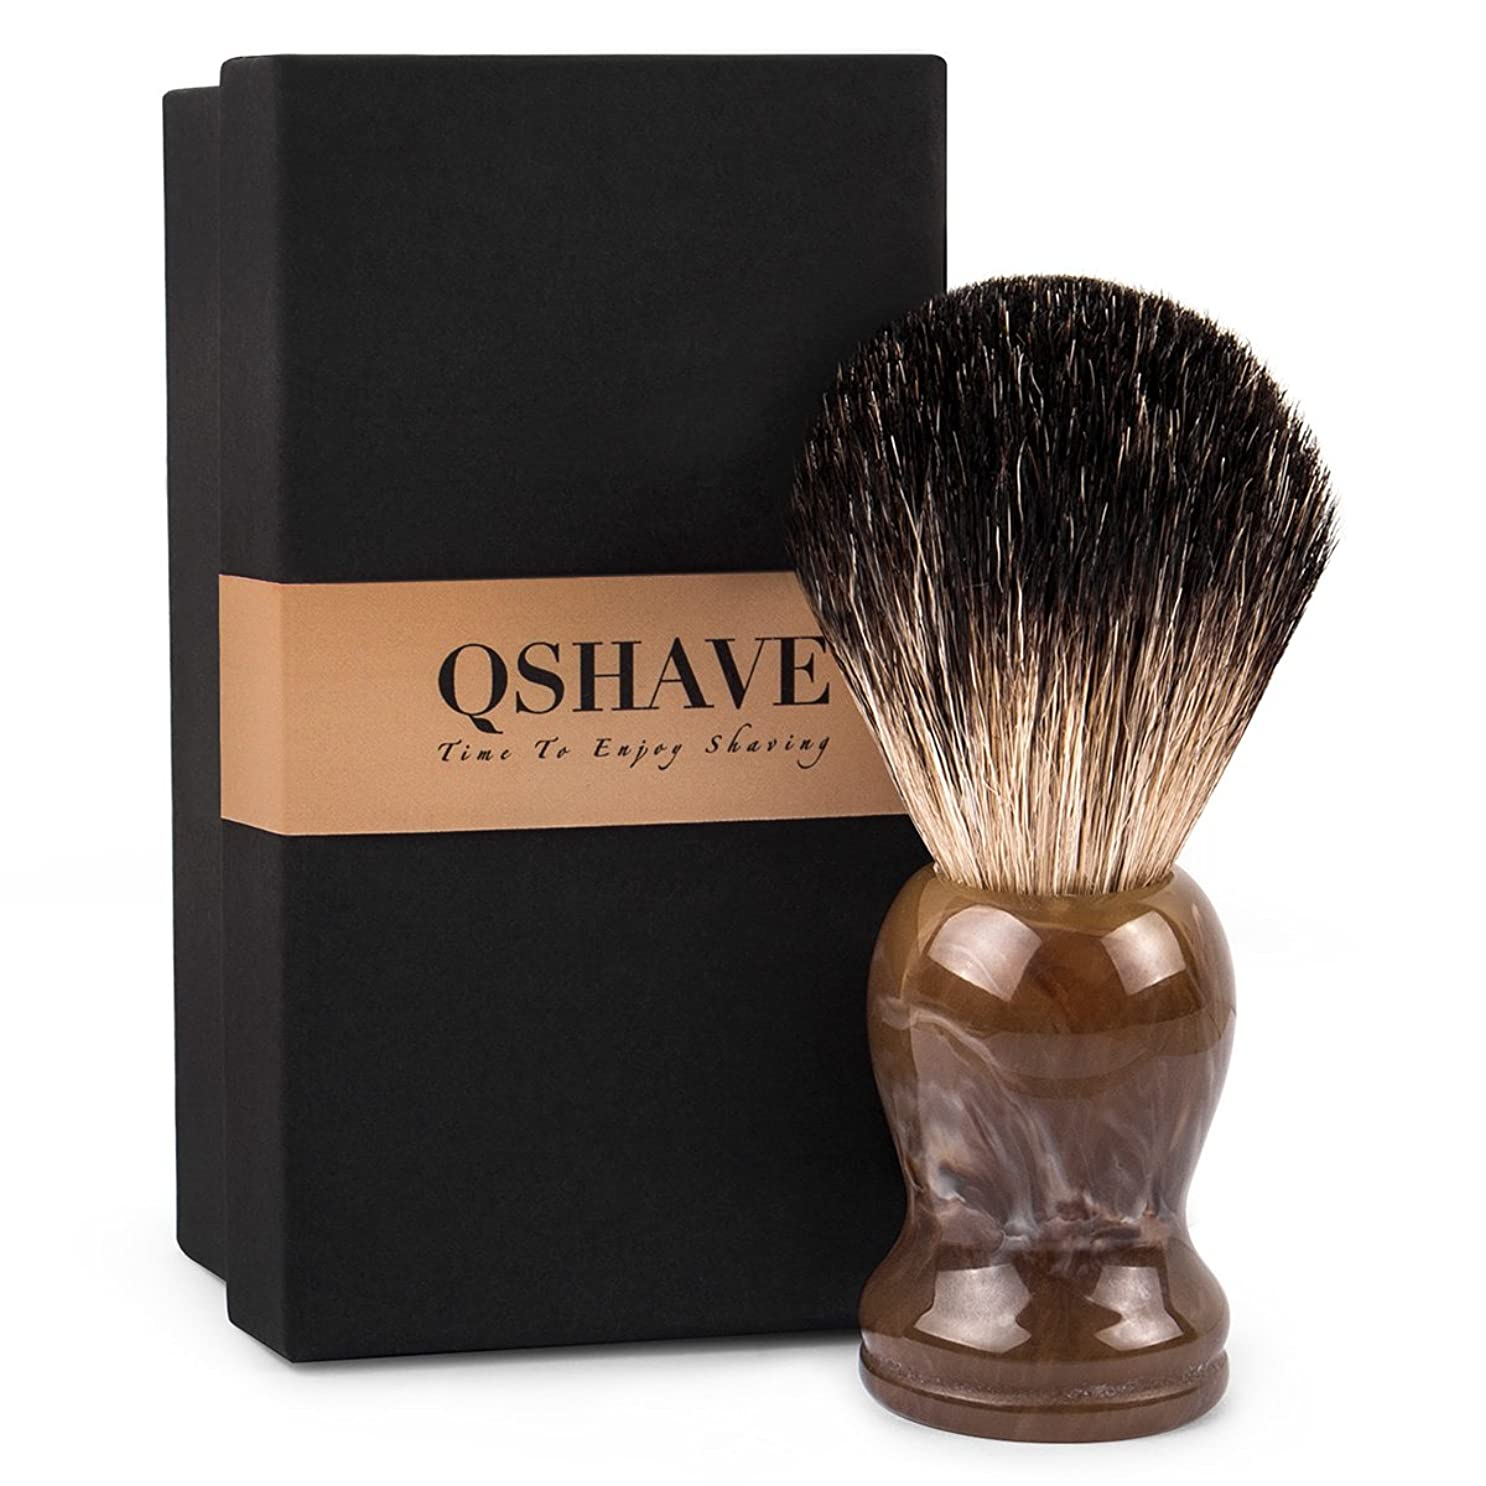 わずかに自殺中でQSHAVE 100%アナグマ毛 オリジナルハンドメイドシェービングブラシ。ウェットシェービング、安全カミソリ、両刃カミソリに最適